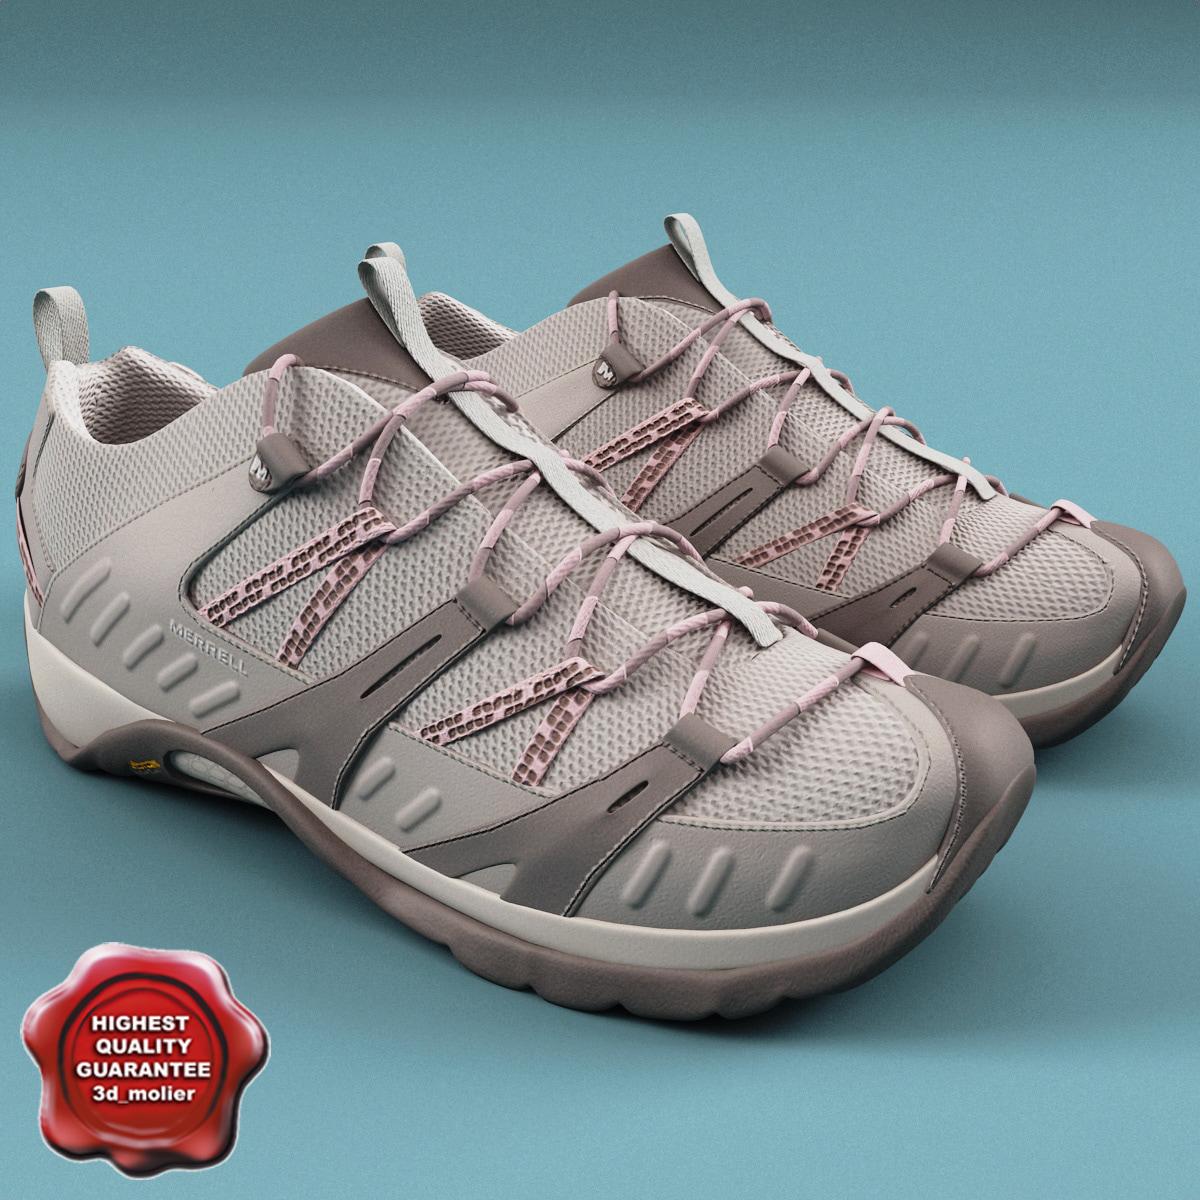 Mens_Shoes_Merrell_00.jpg